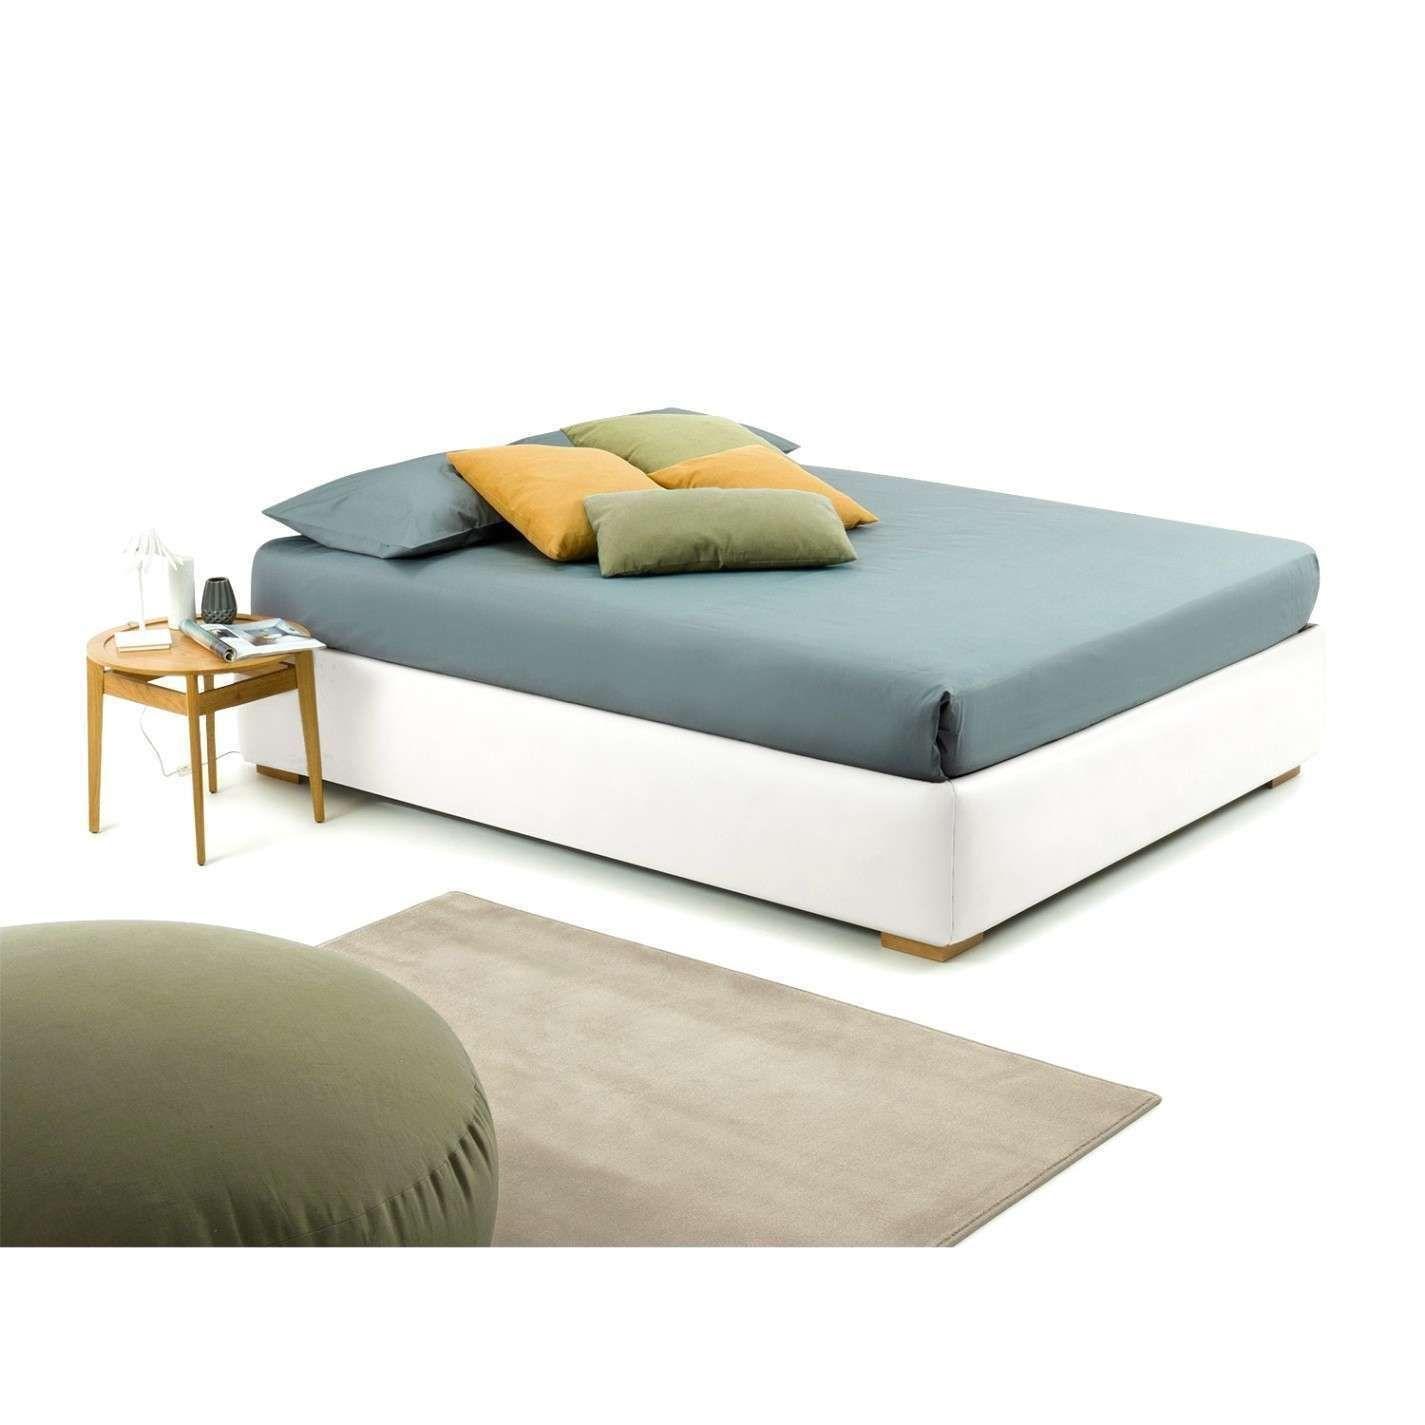 Metall Bettgestell 180x200 Bettkasten 120 200 Einzigartig Bett 180